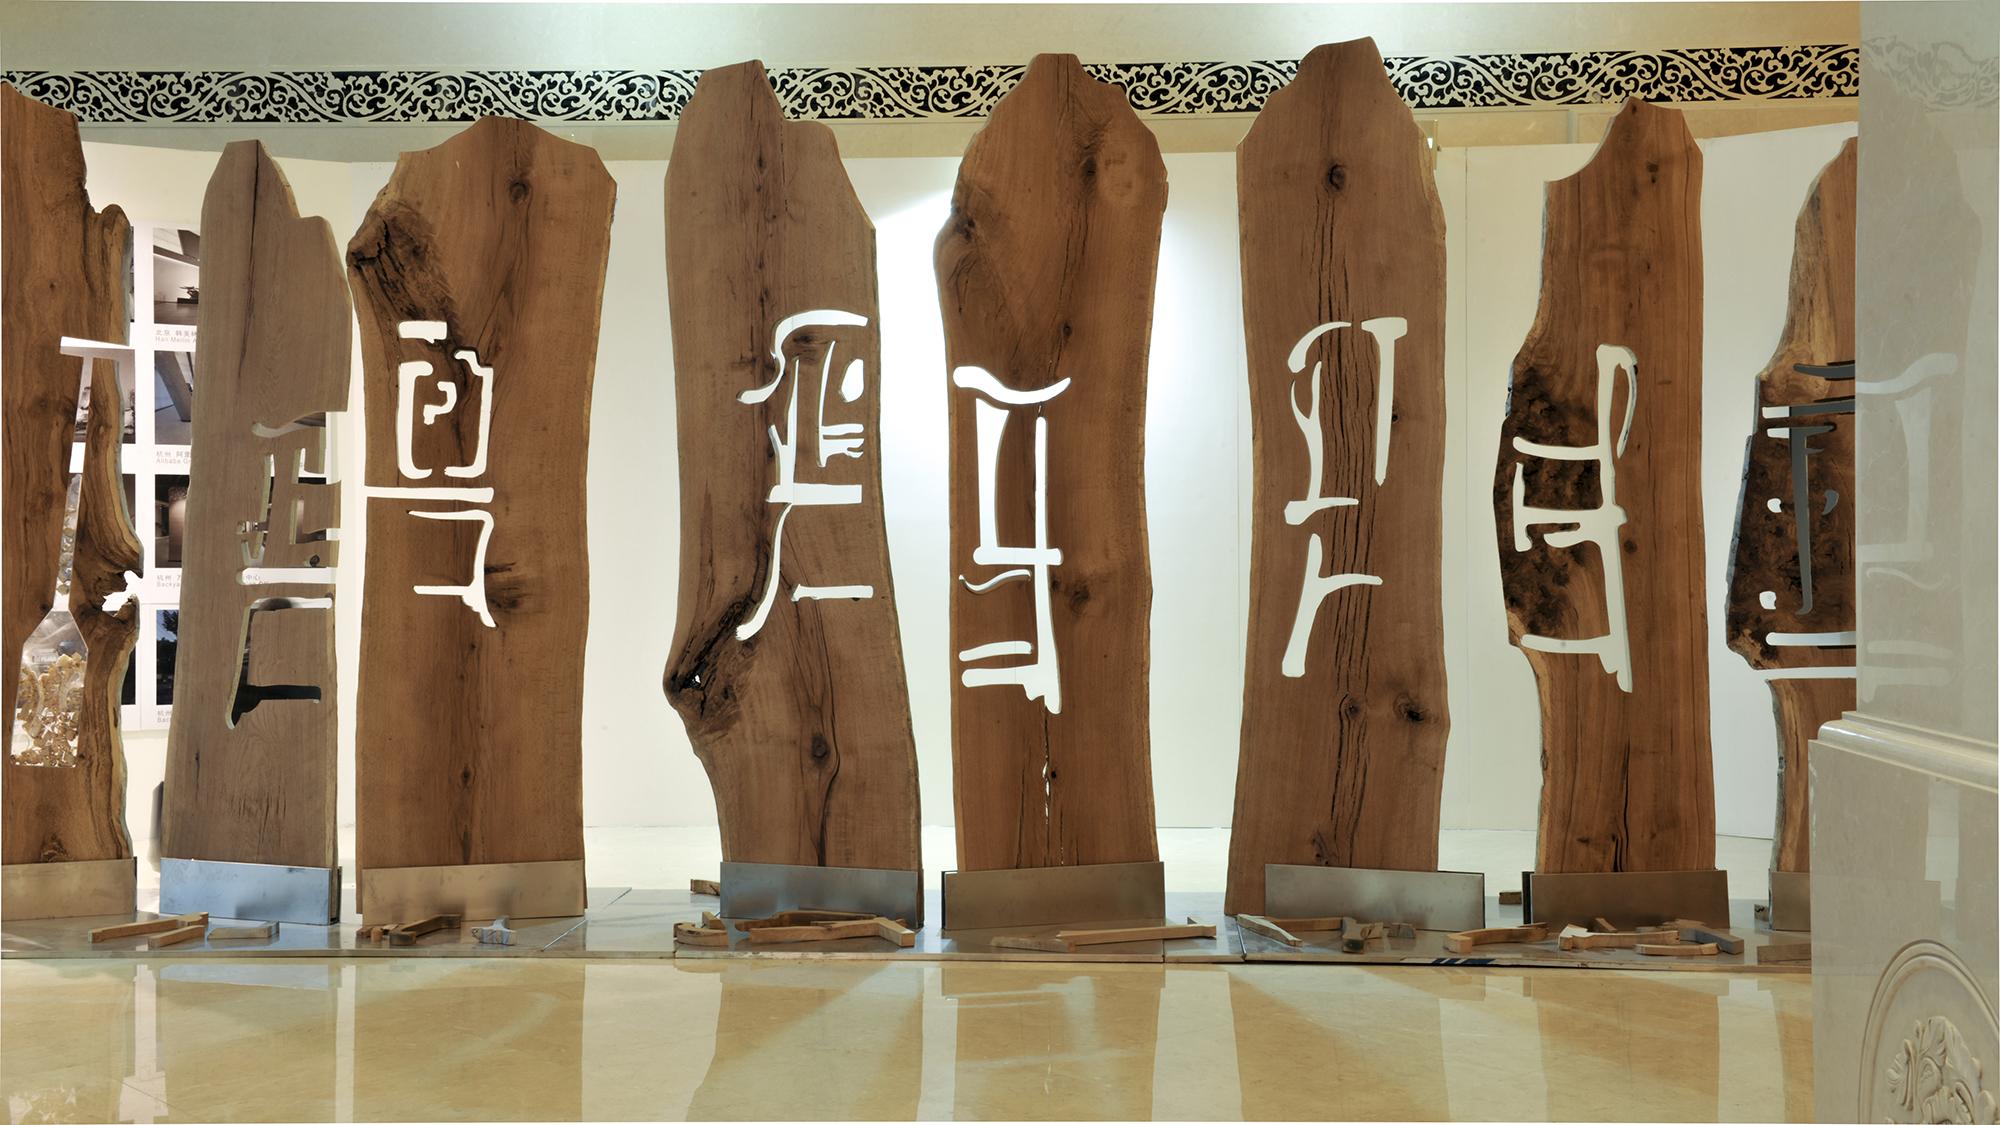 中国著名设计师陈耀光的艺术装置《剥落的生命》